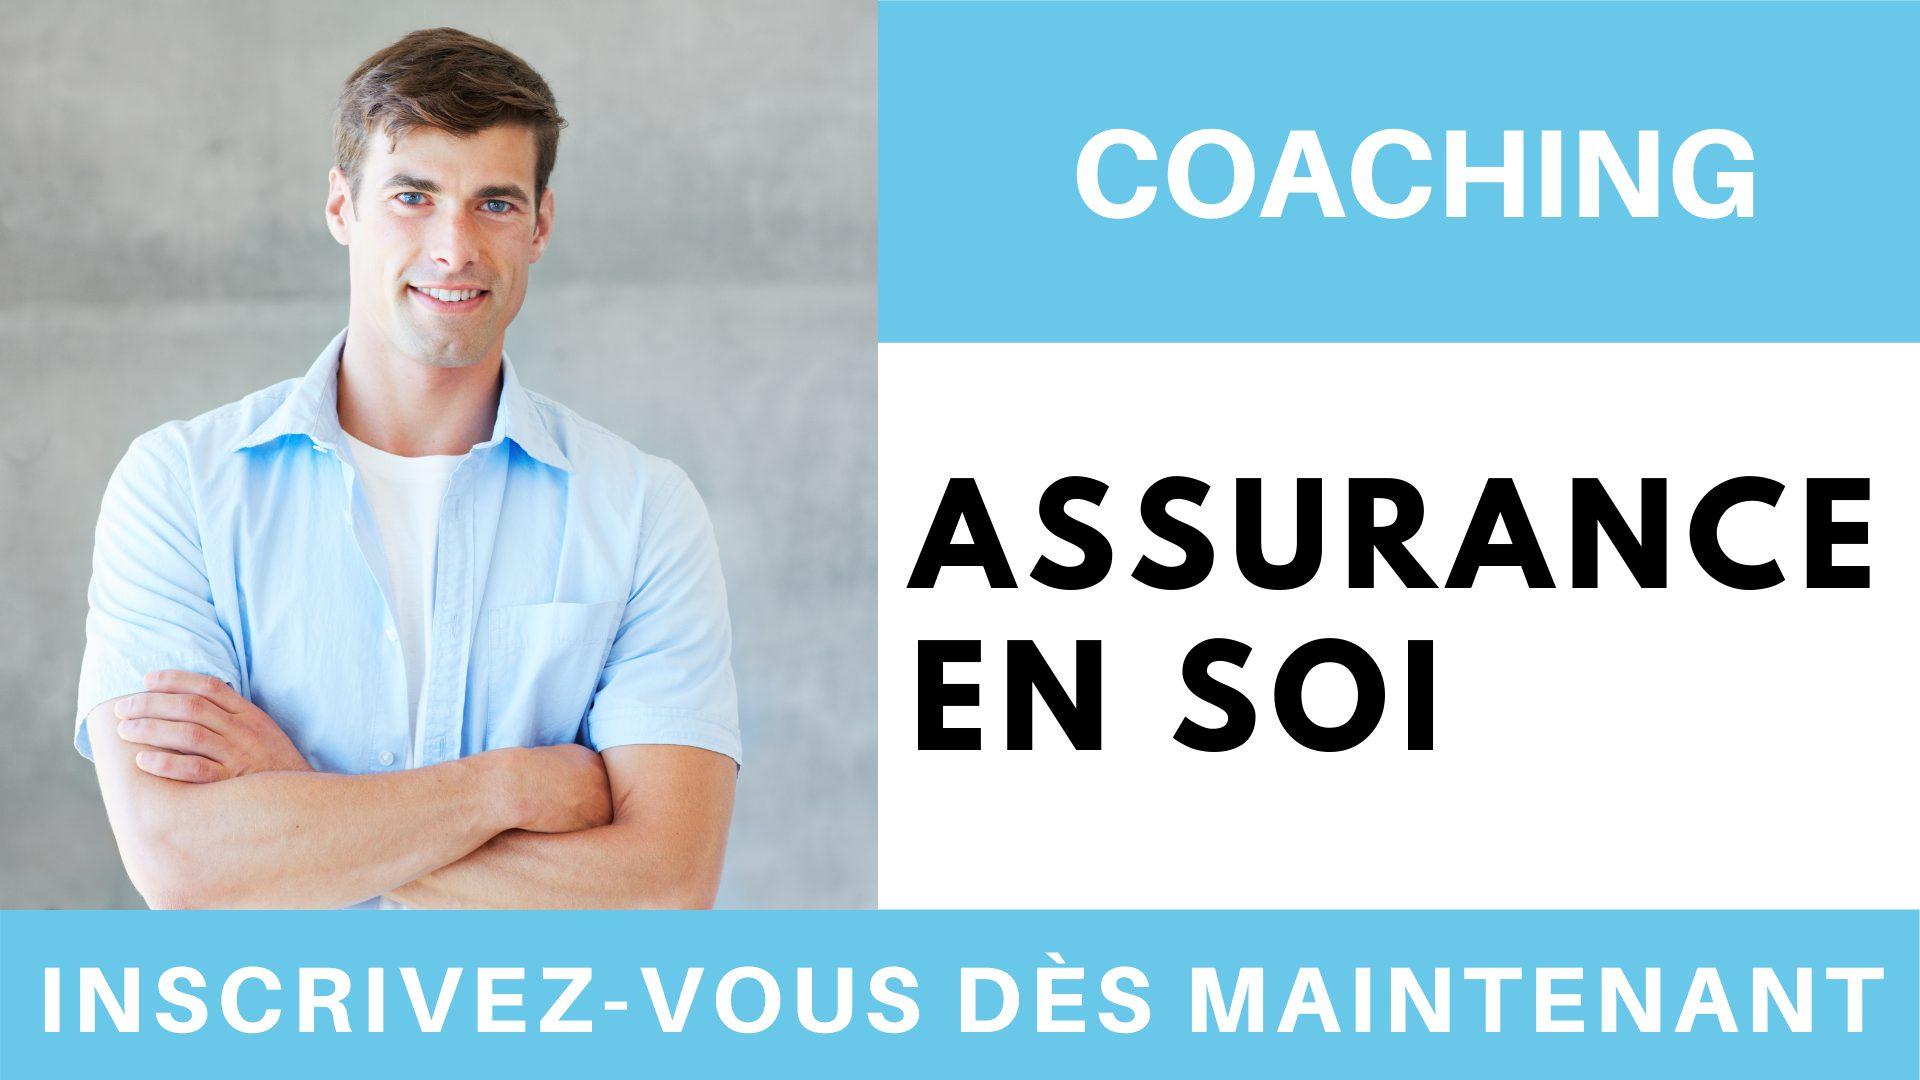 Coaching assurance en soi